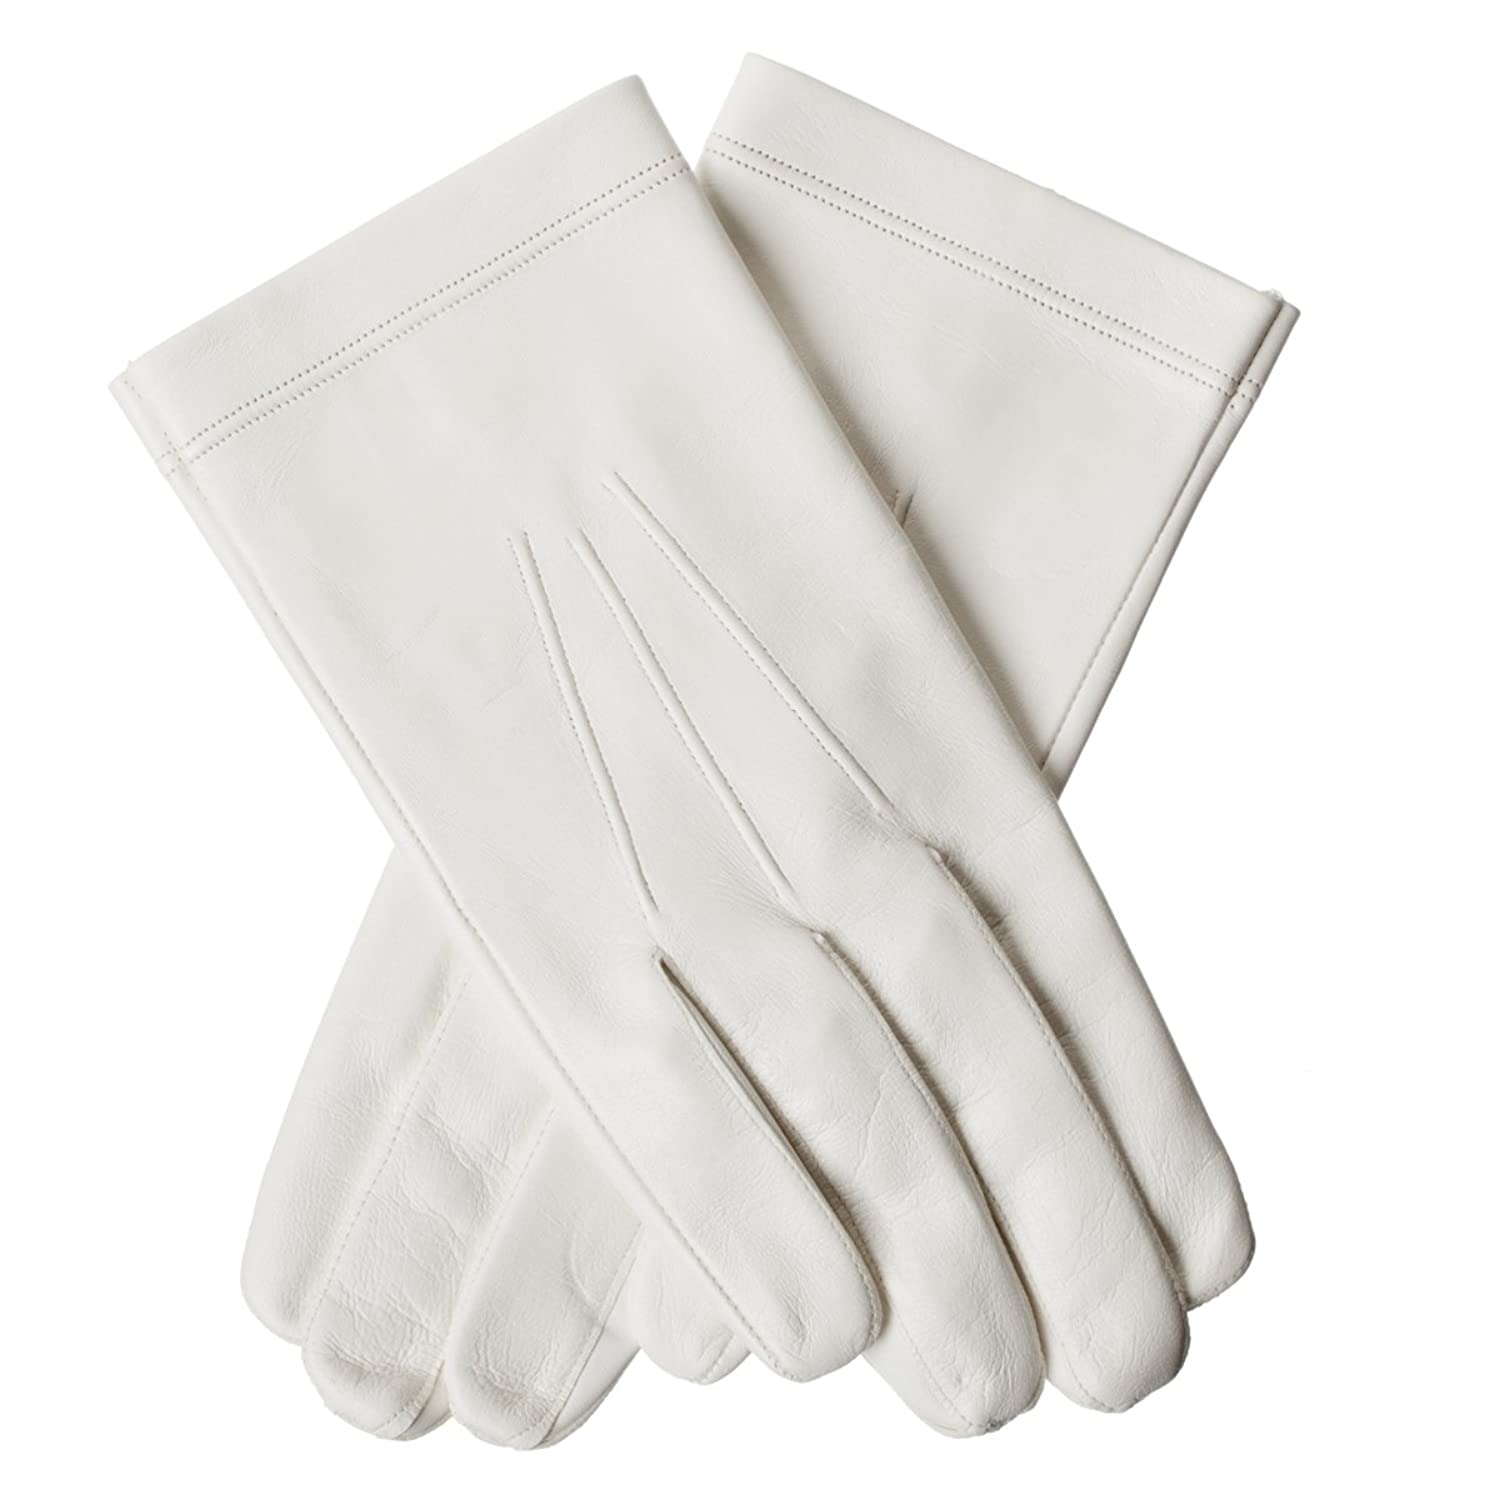 Lundorf Offiziers Herren Glacé Handschuhe Leder – Weiß – Für Gala, Parade, Hochzeit etc.